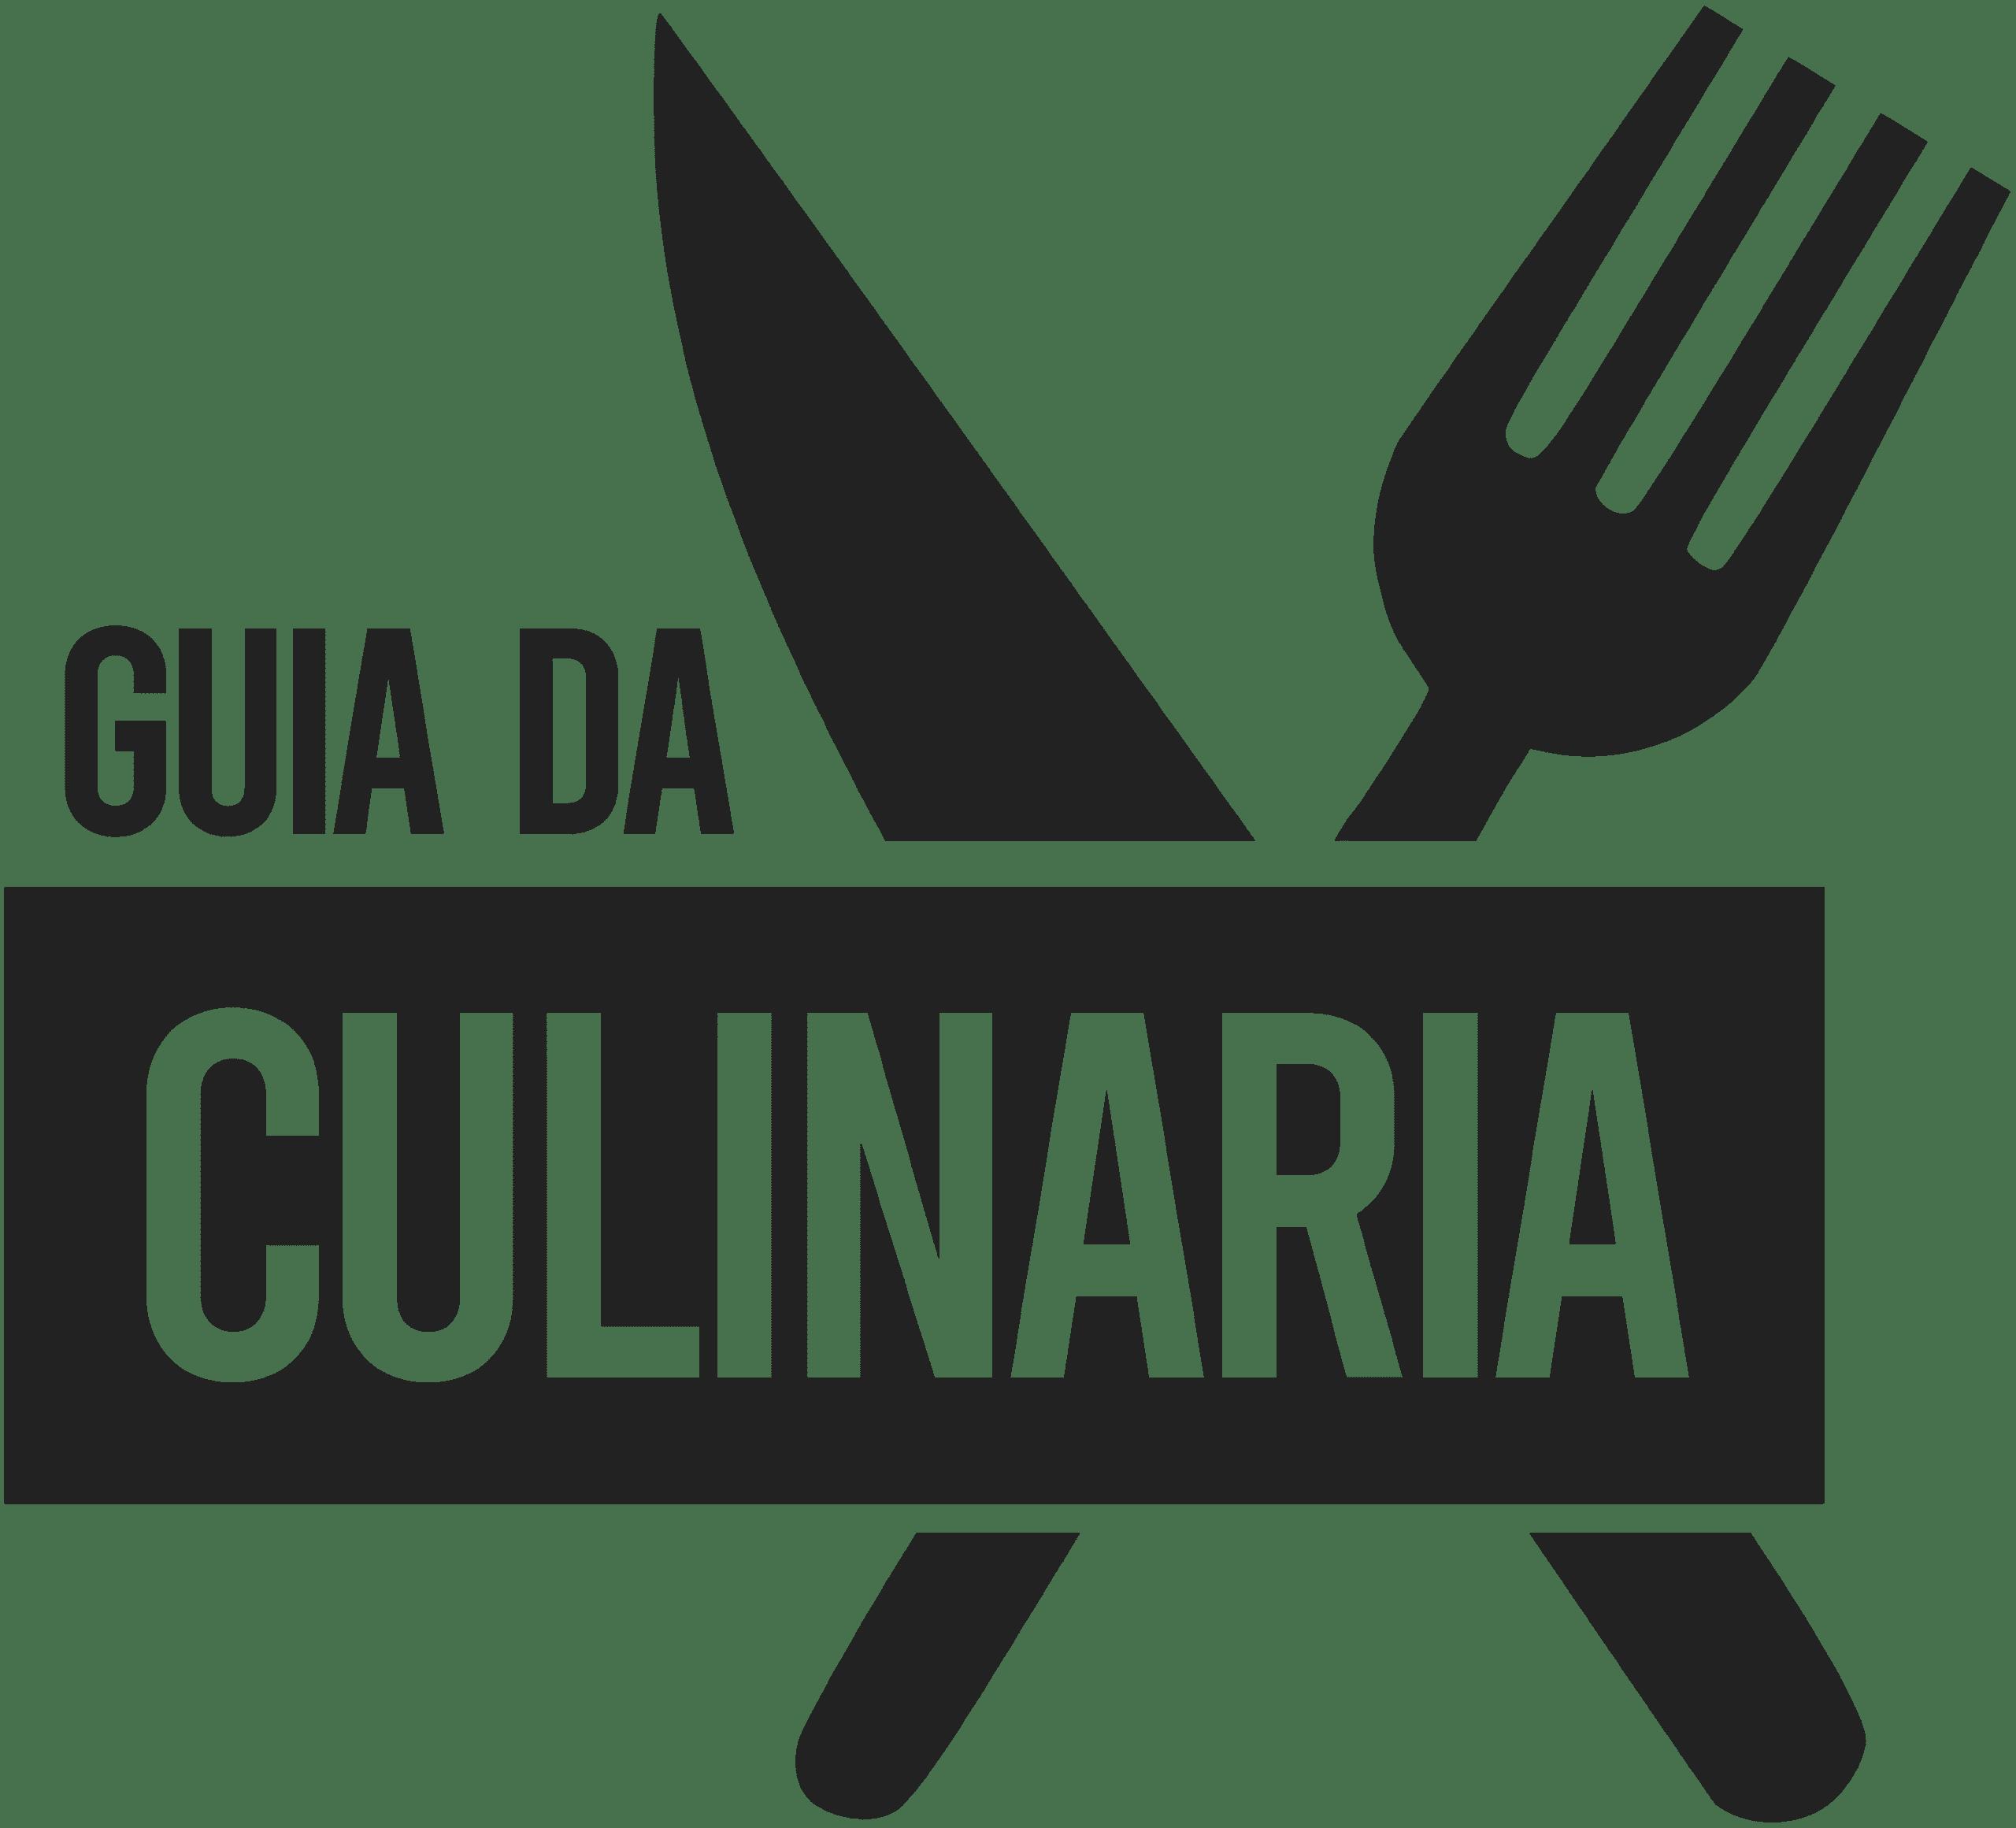 Guia da Culinária